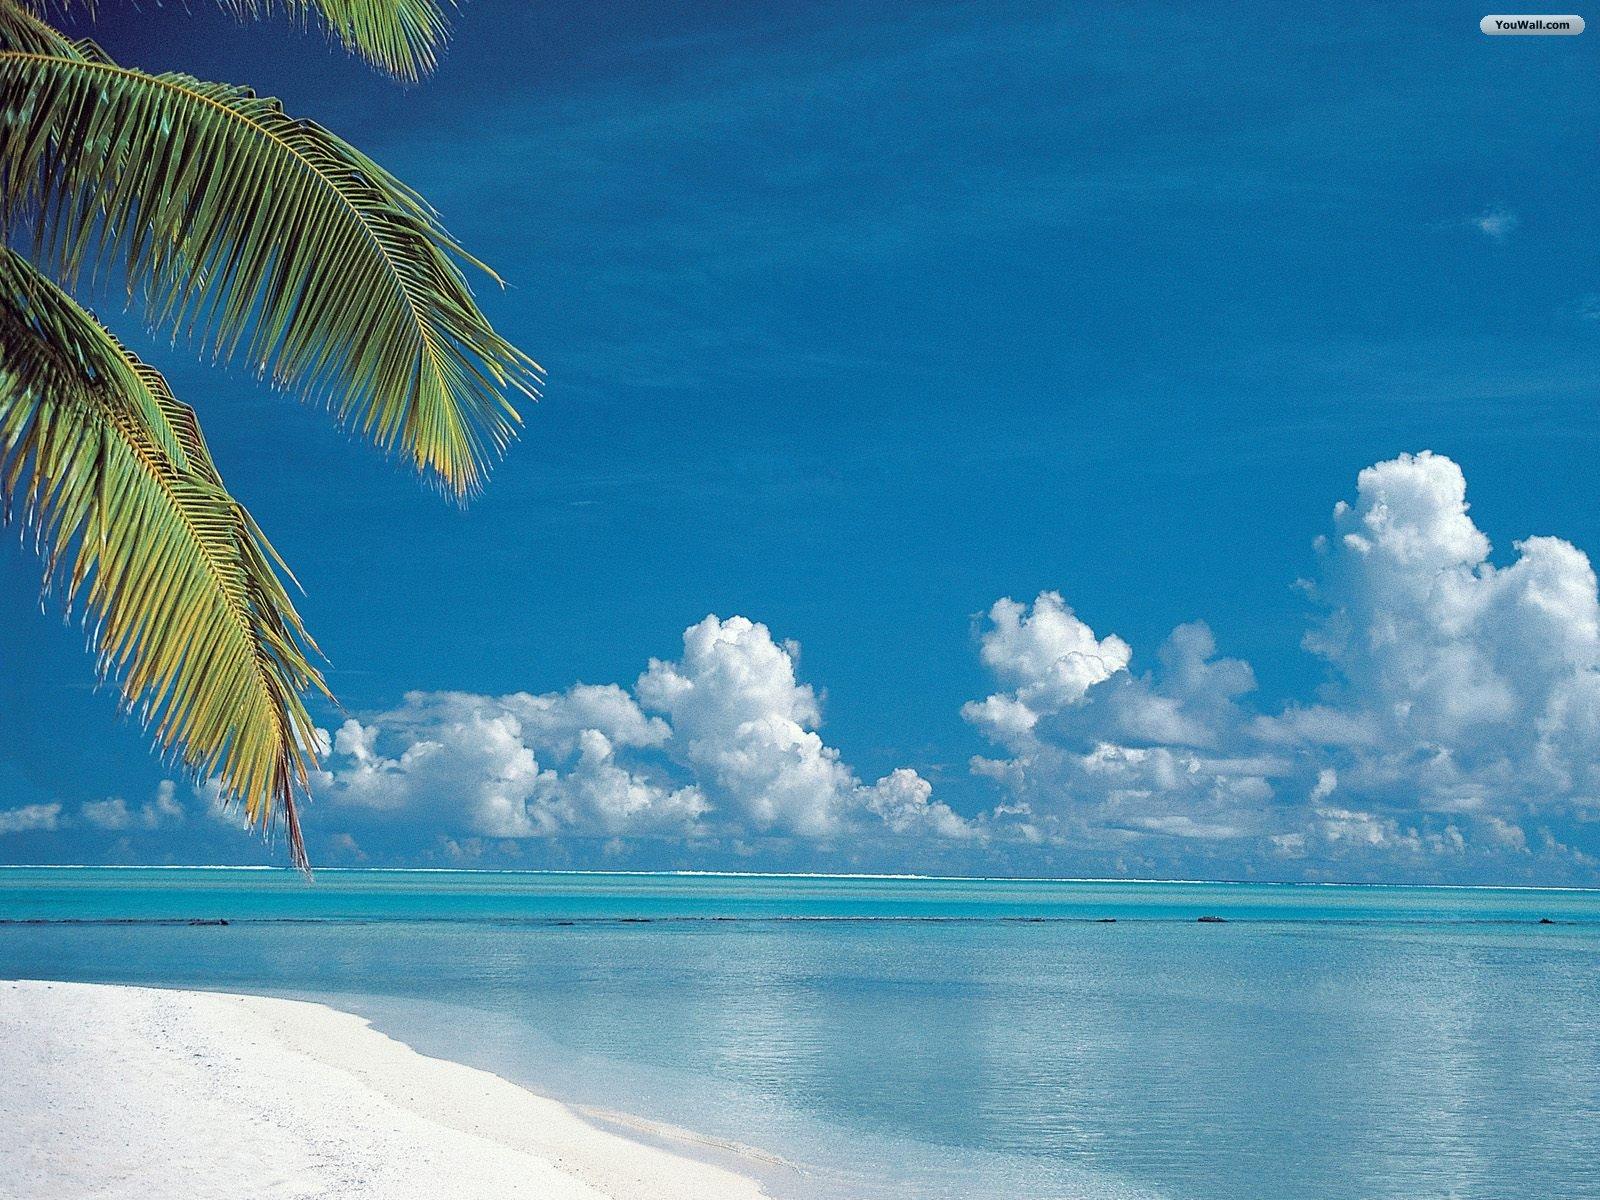 Free tropical screensavers and wallpaper wallpapersafari for Fond ecran plage gratuit